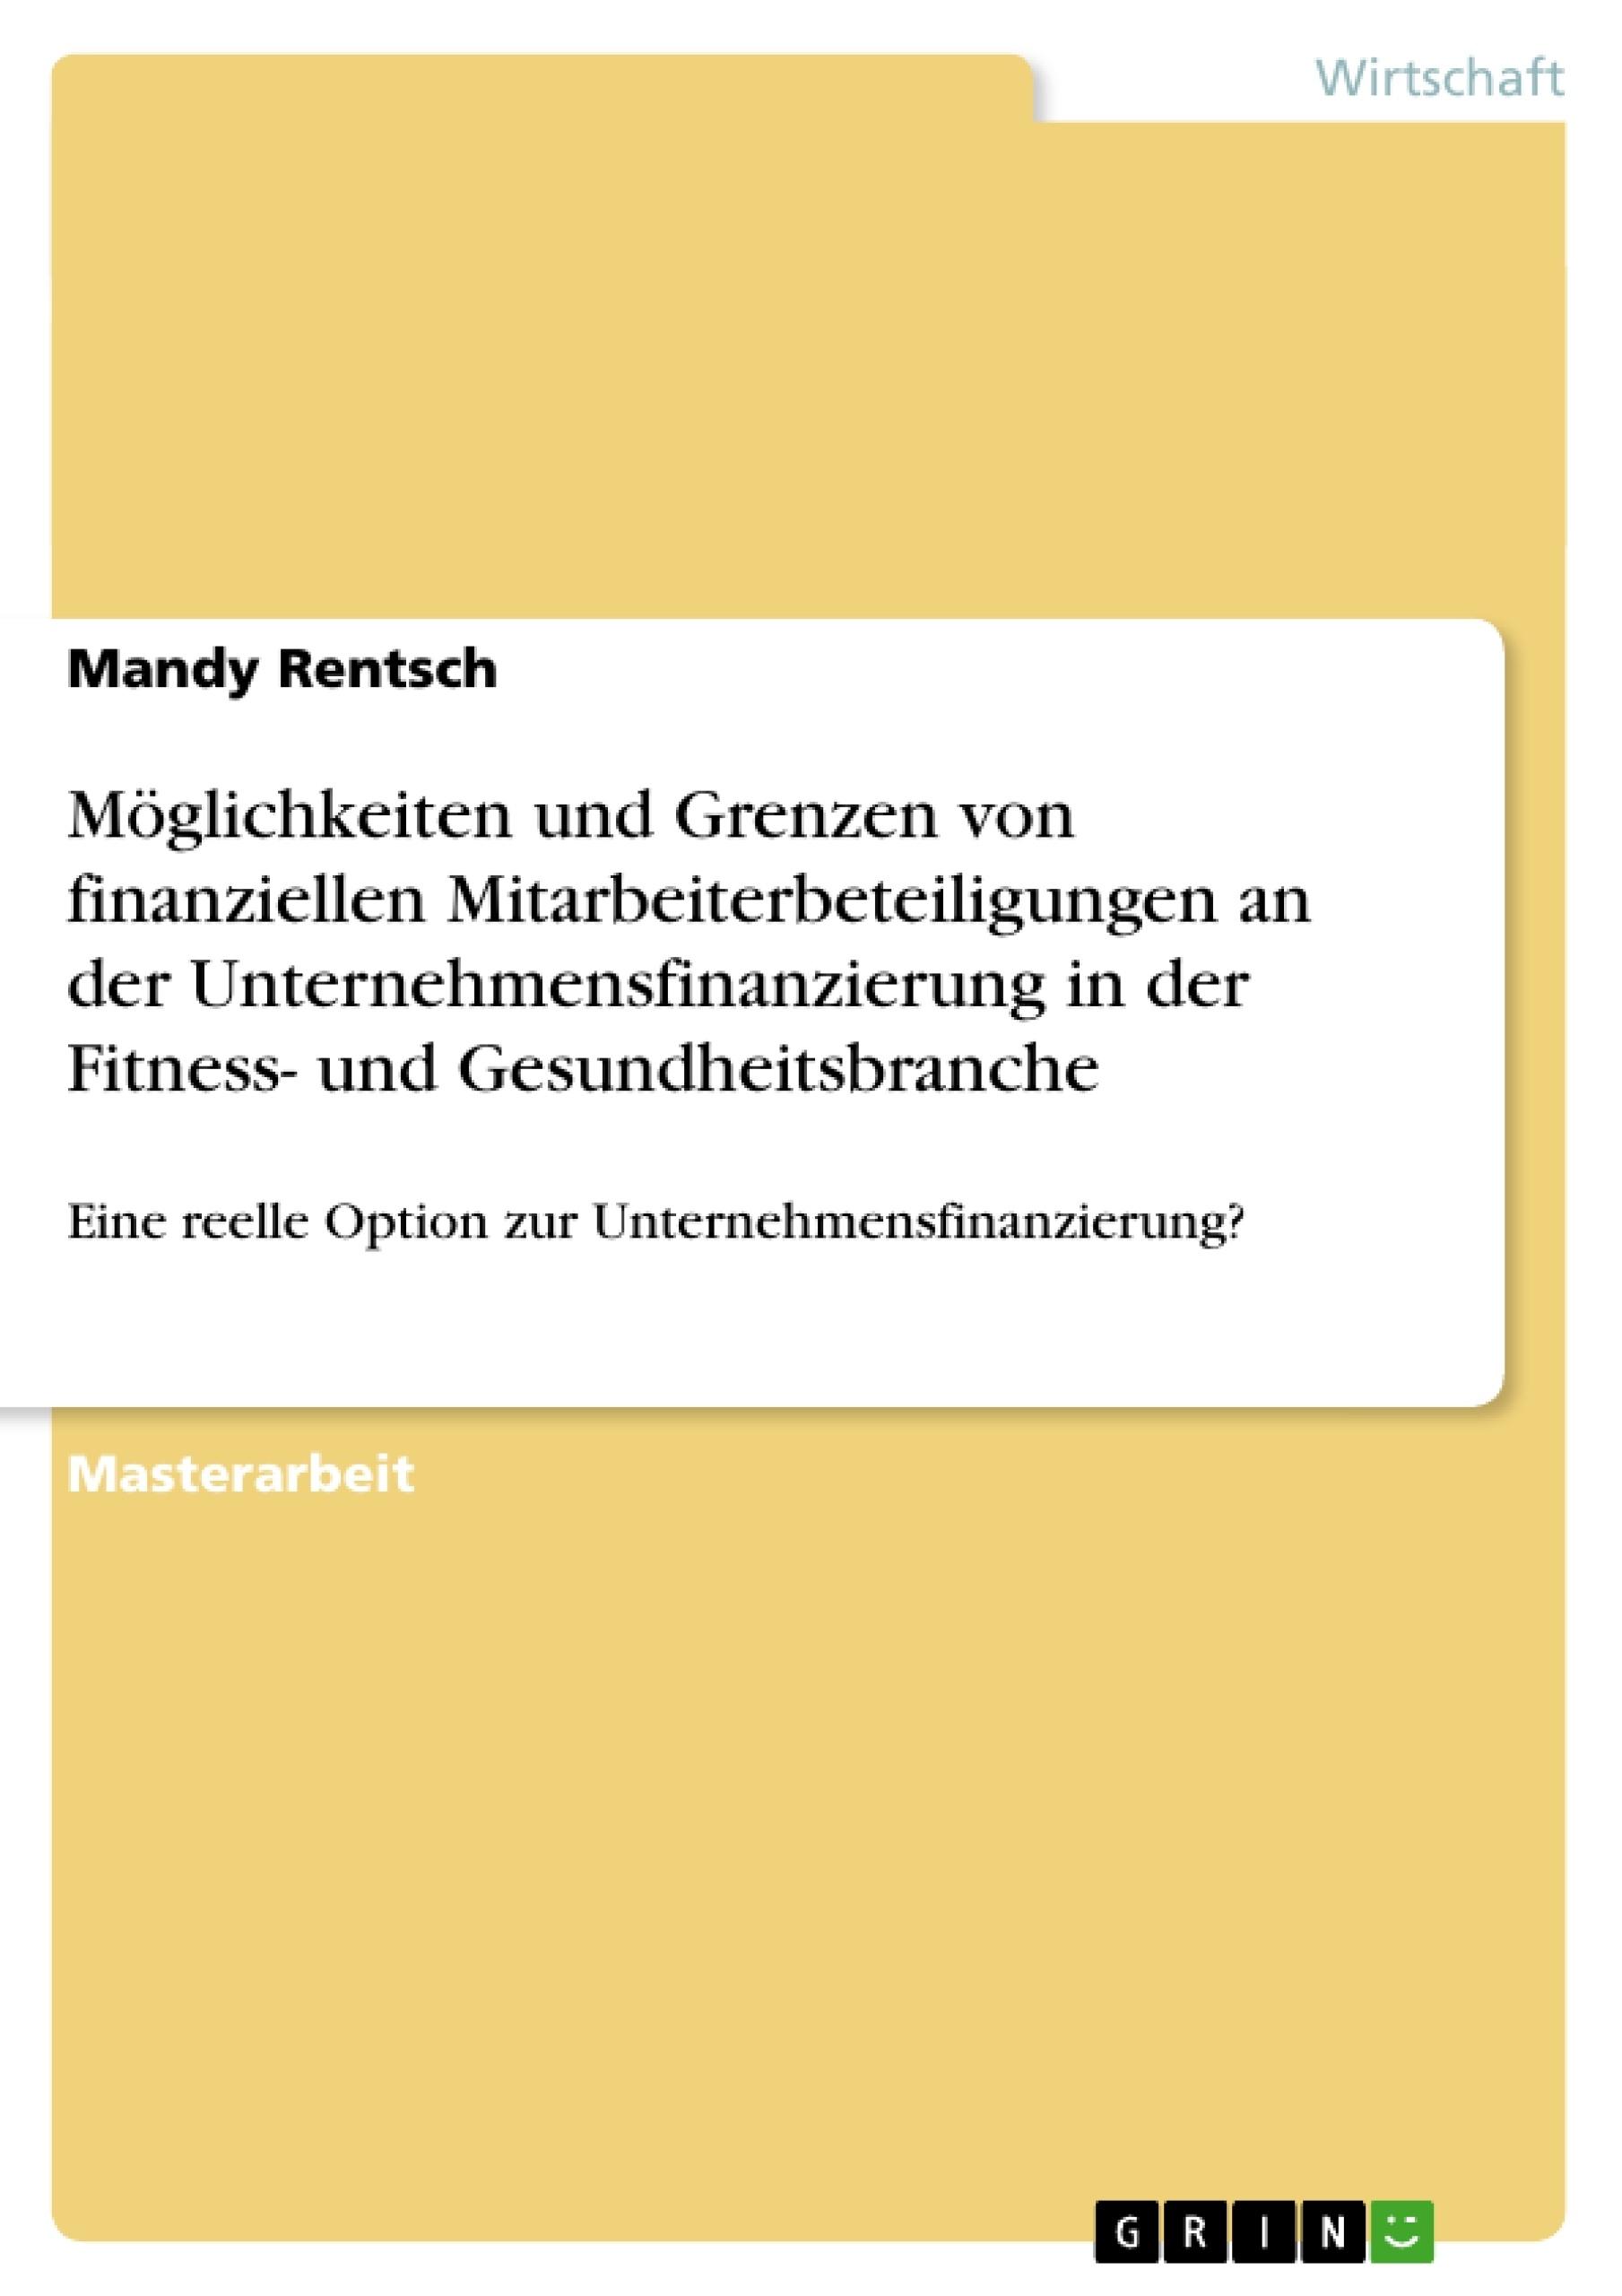 Titel: Möglichkeiten und Grenzen von finanziellen Mitarbeiterbeteiligungen an der Unternehmensfinanzierung in der Fitness- und Gesundheitsbranche